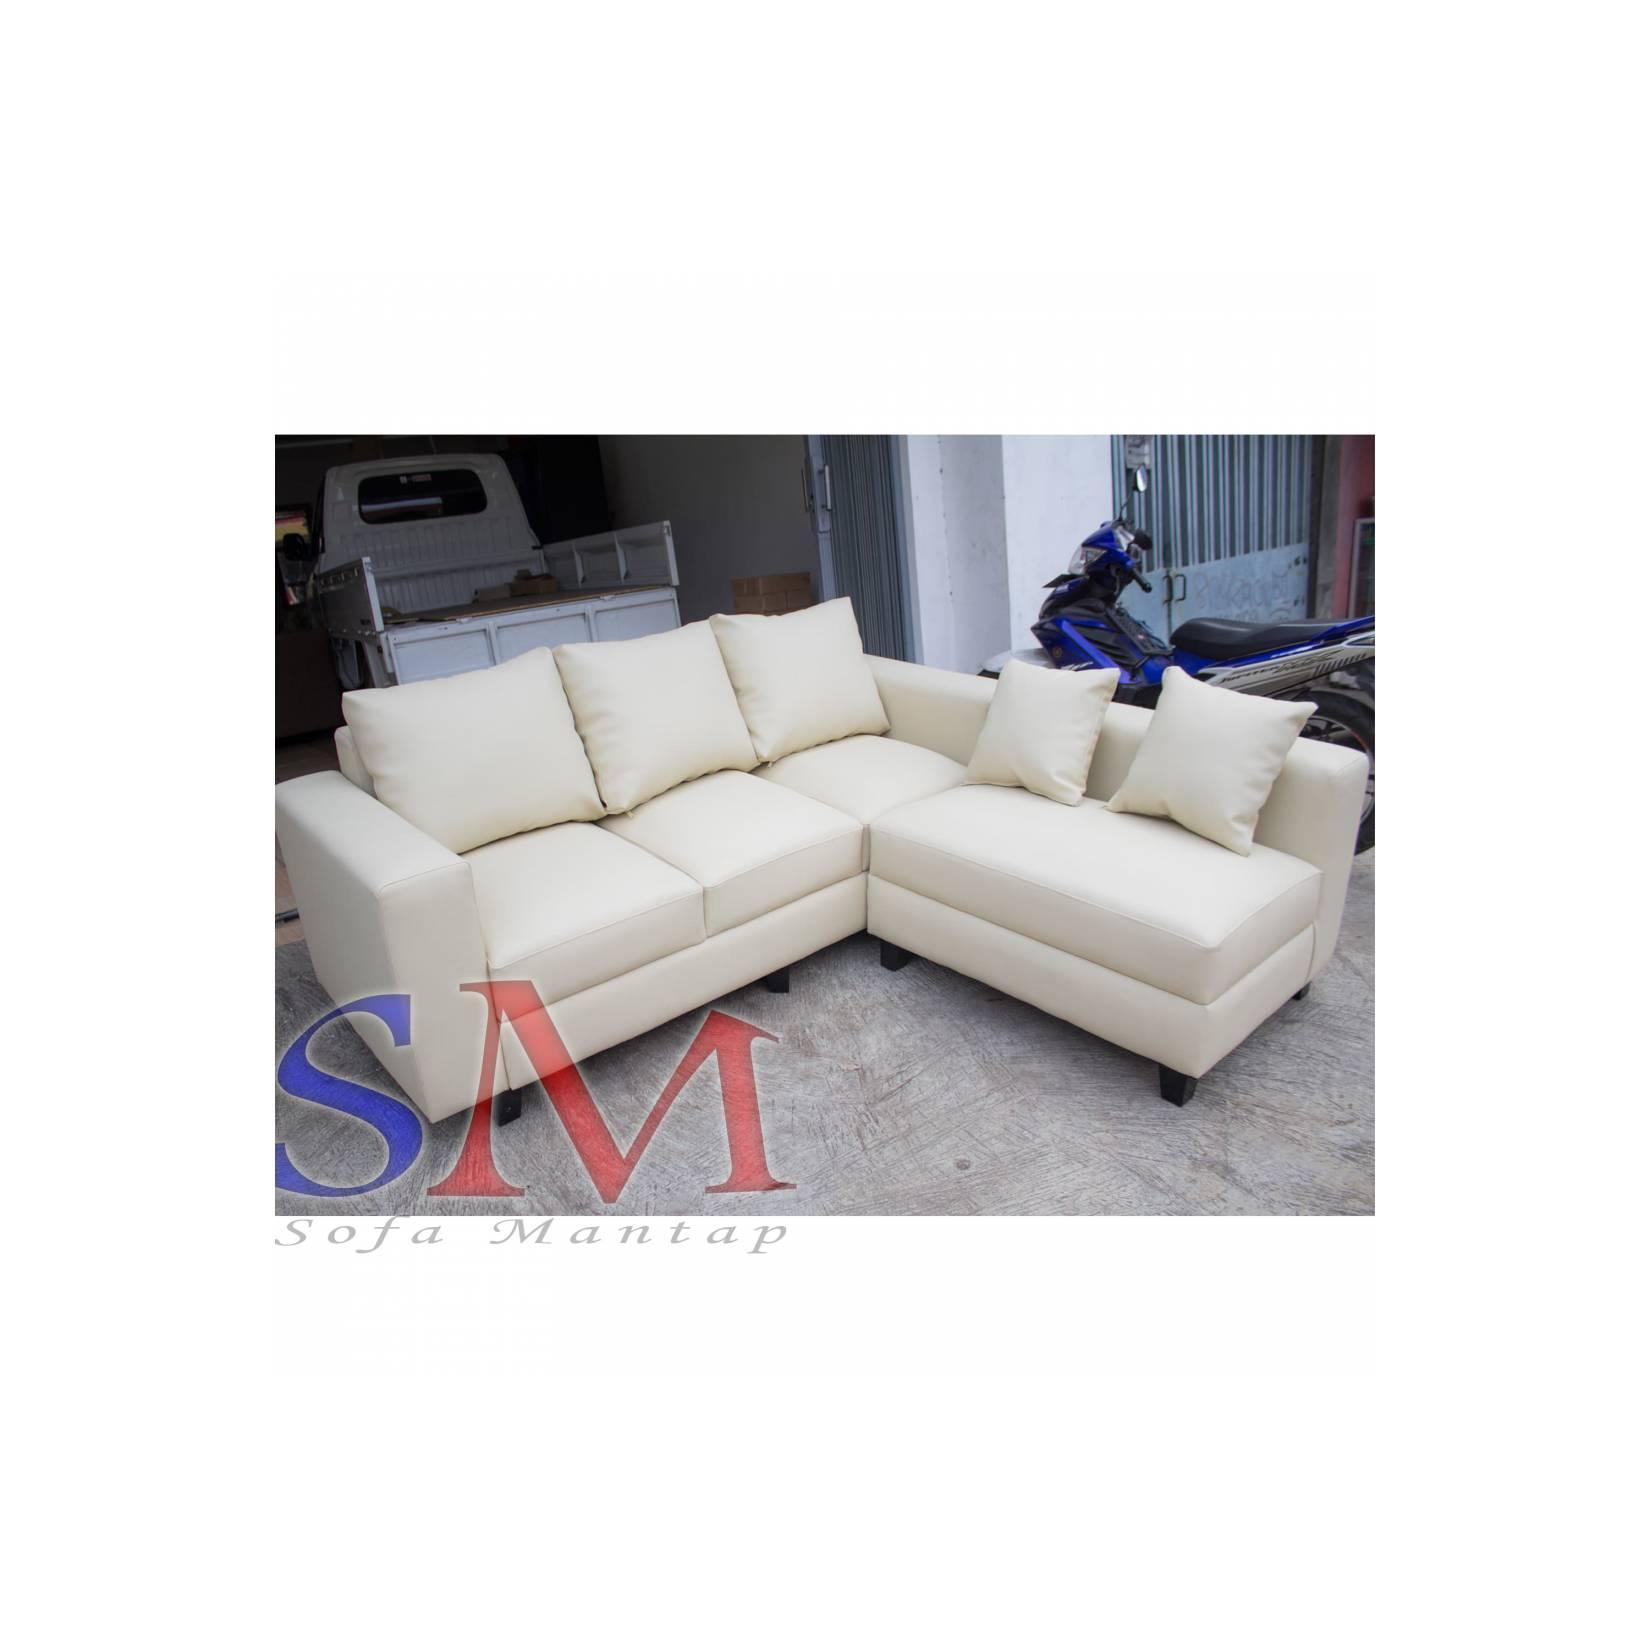 Sofa kursi Ruang Tamu L Minimalis murah, sofa sudut kantor + MEJA TAMU